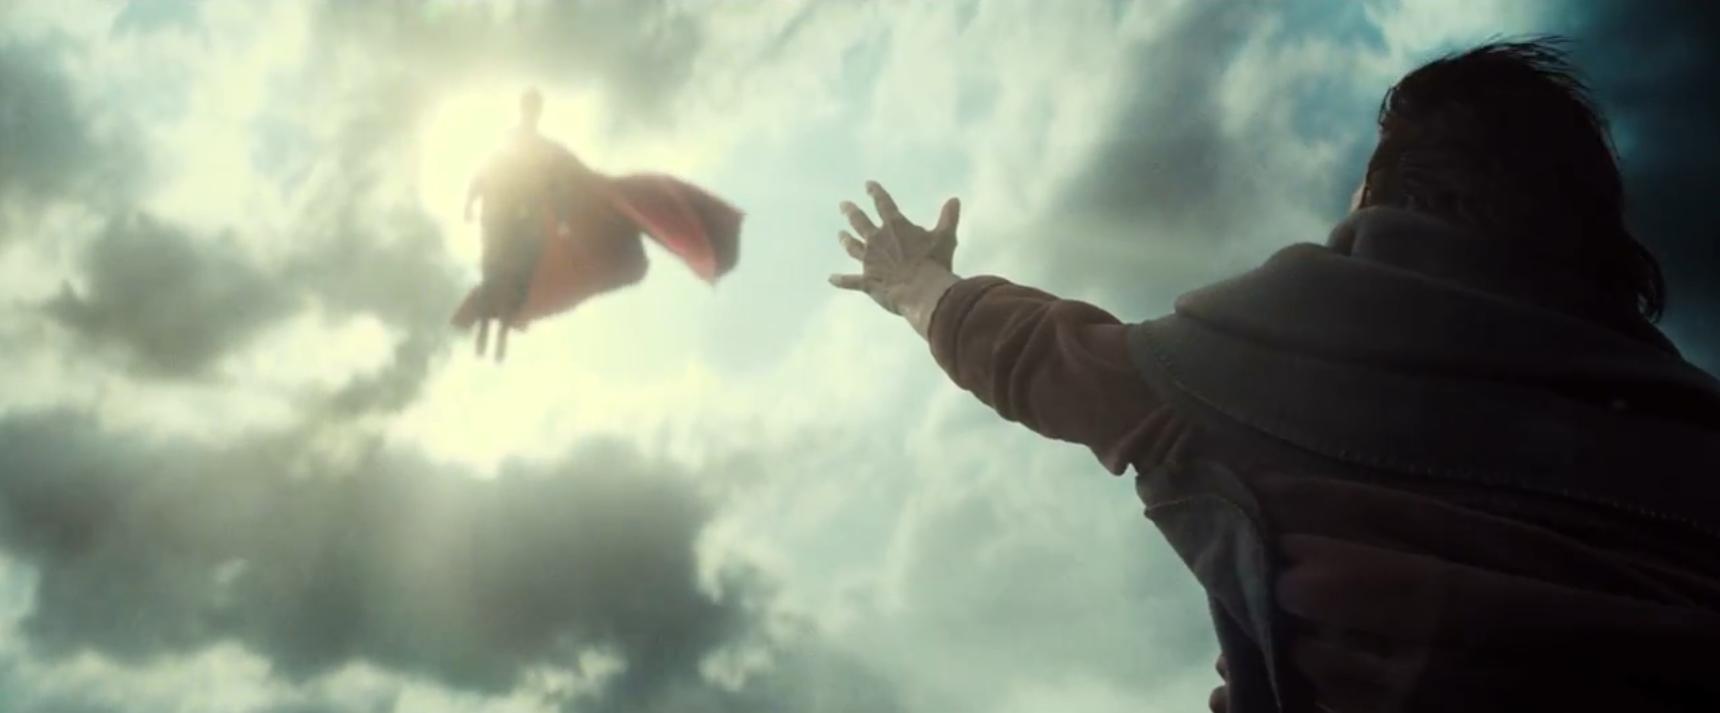 SDCC: Warner Brothers confirms Batman v Superman panel details